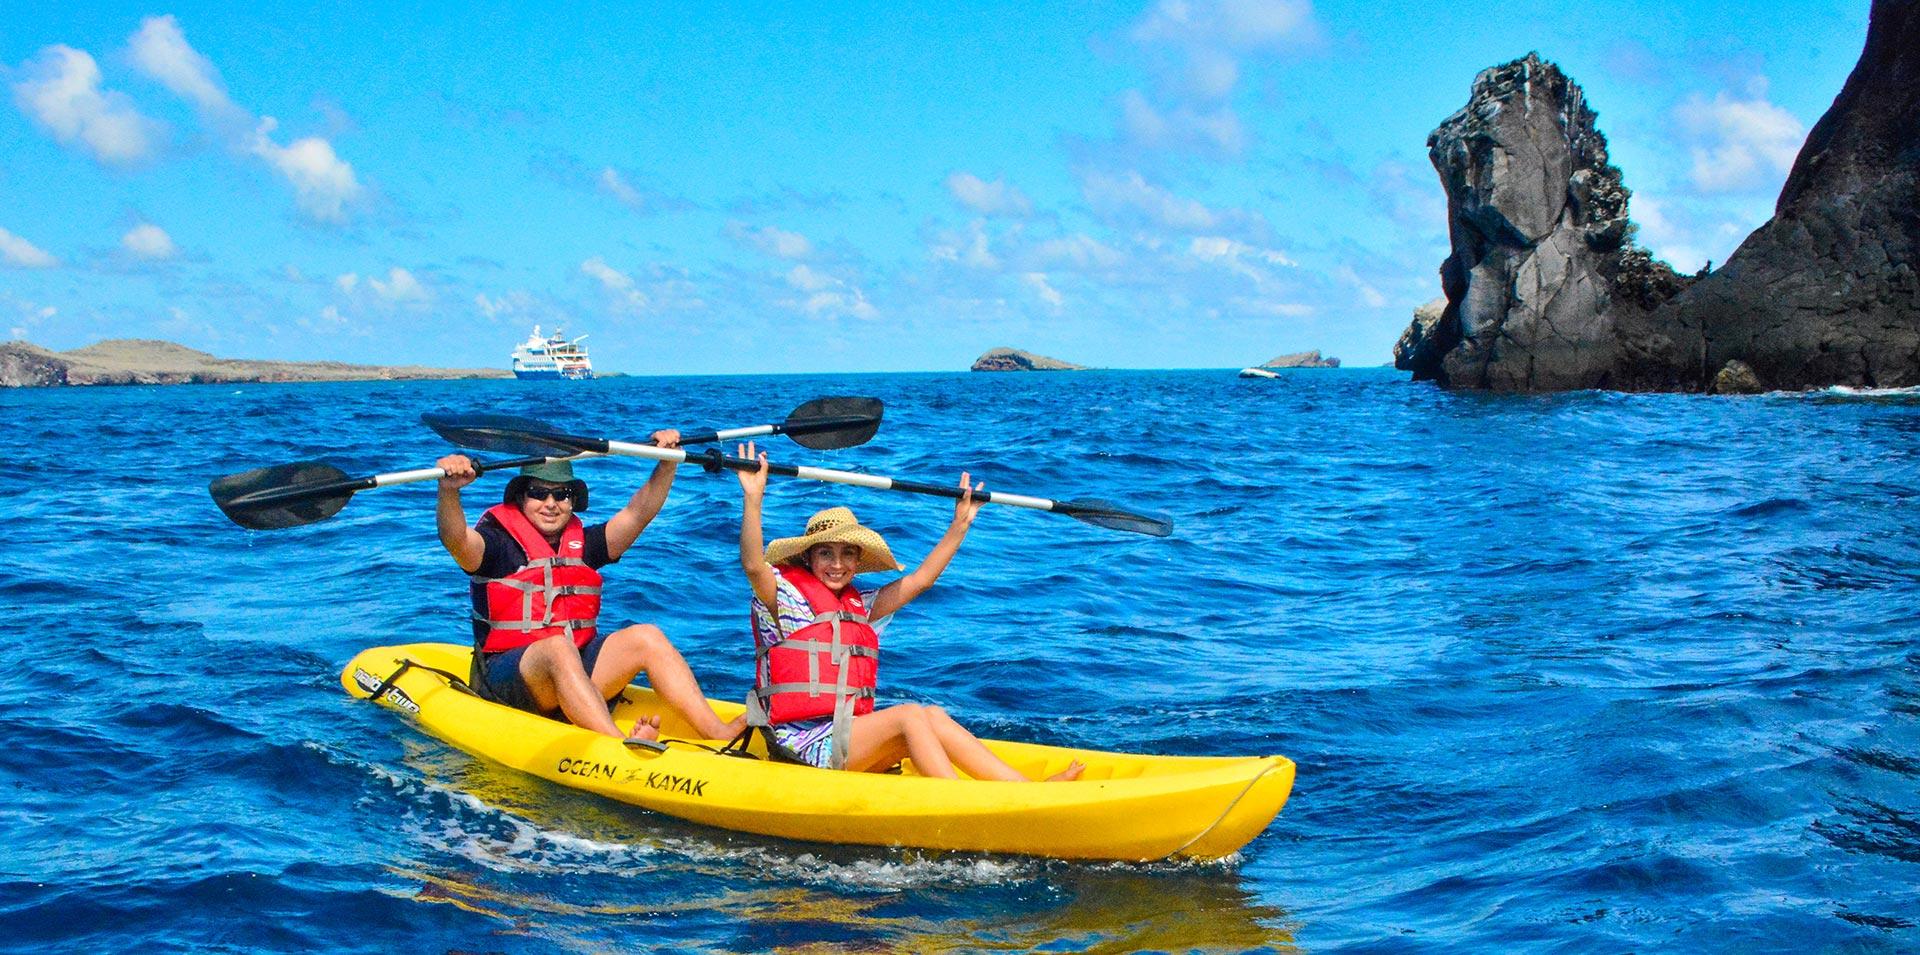 Gardner Bay - Galapagos Island: Kayaking with 2 guests